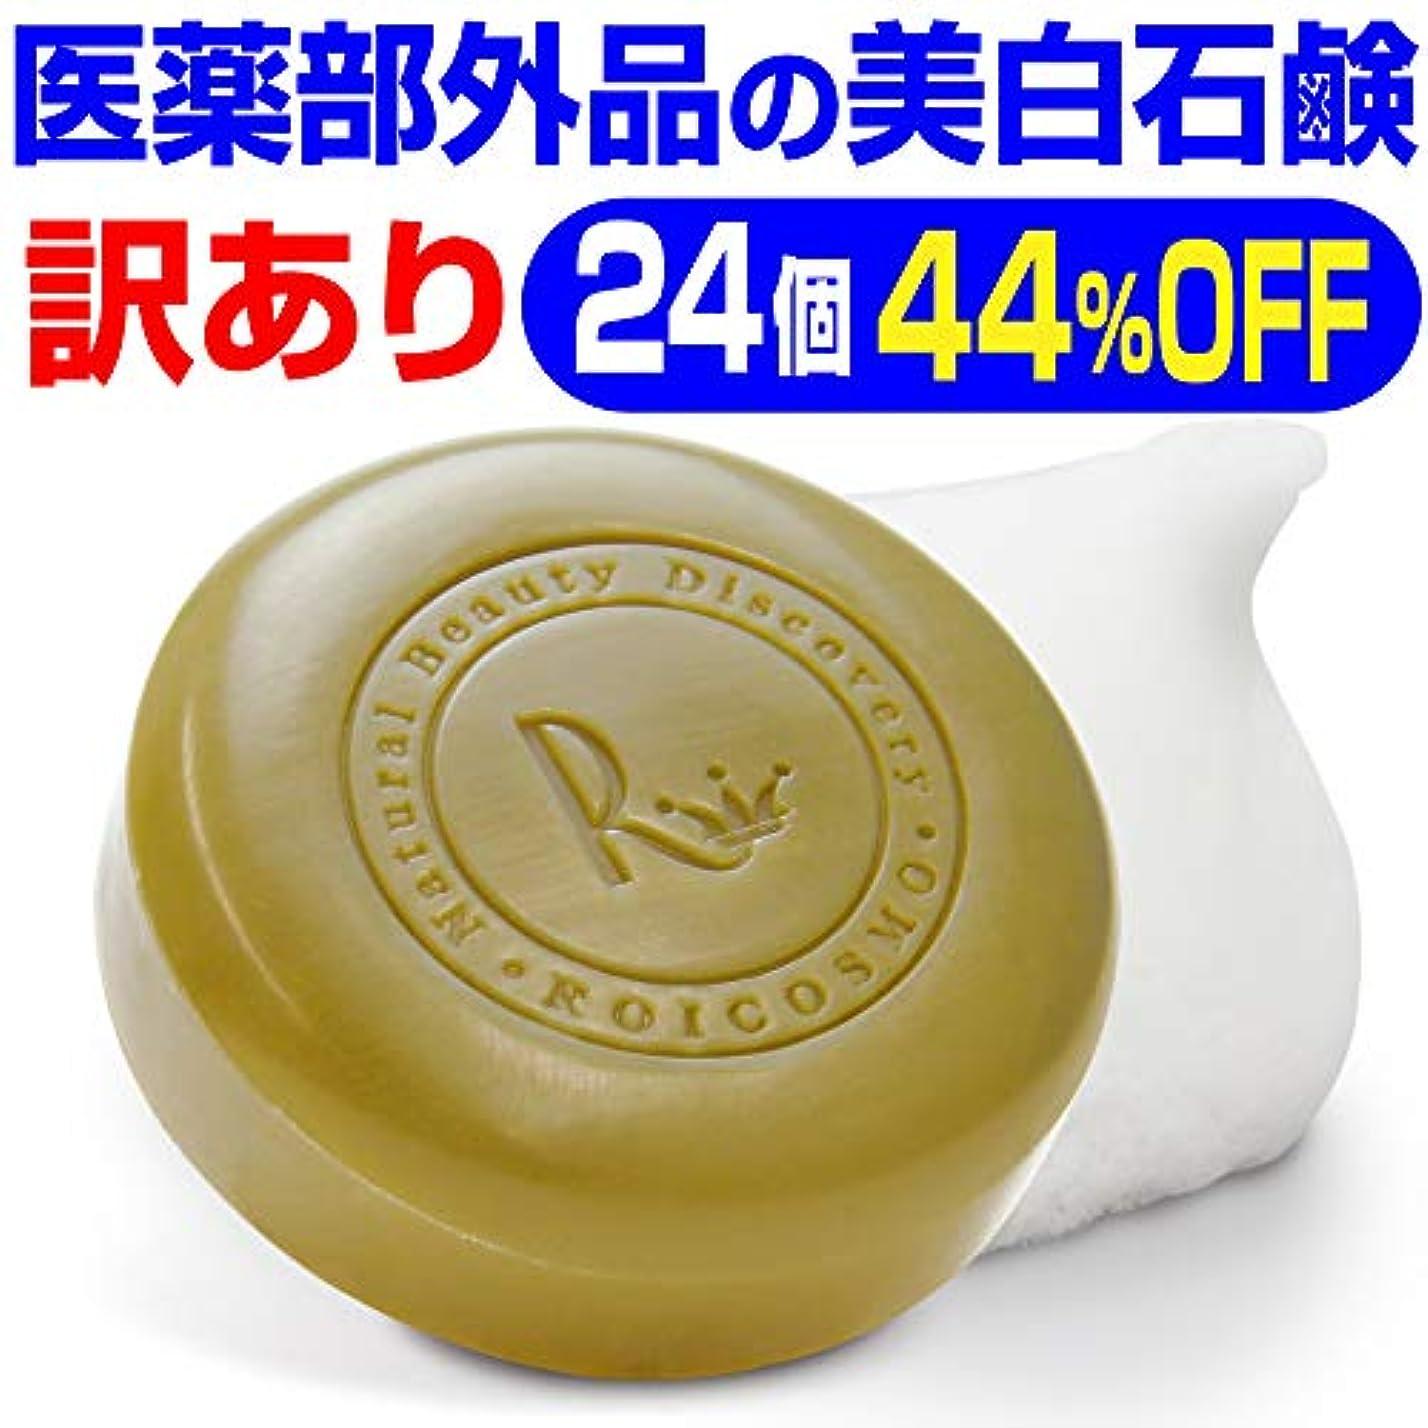 病弱カプセル意志訳あり44%OFF(1個2,143円)売切れ御免 ビタミンC270倍の美白成分の 洗顔石鹸『ホワイトソープ100g×24個』